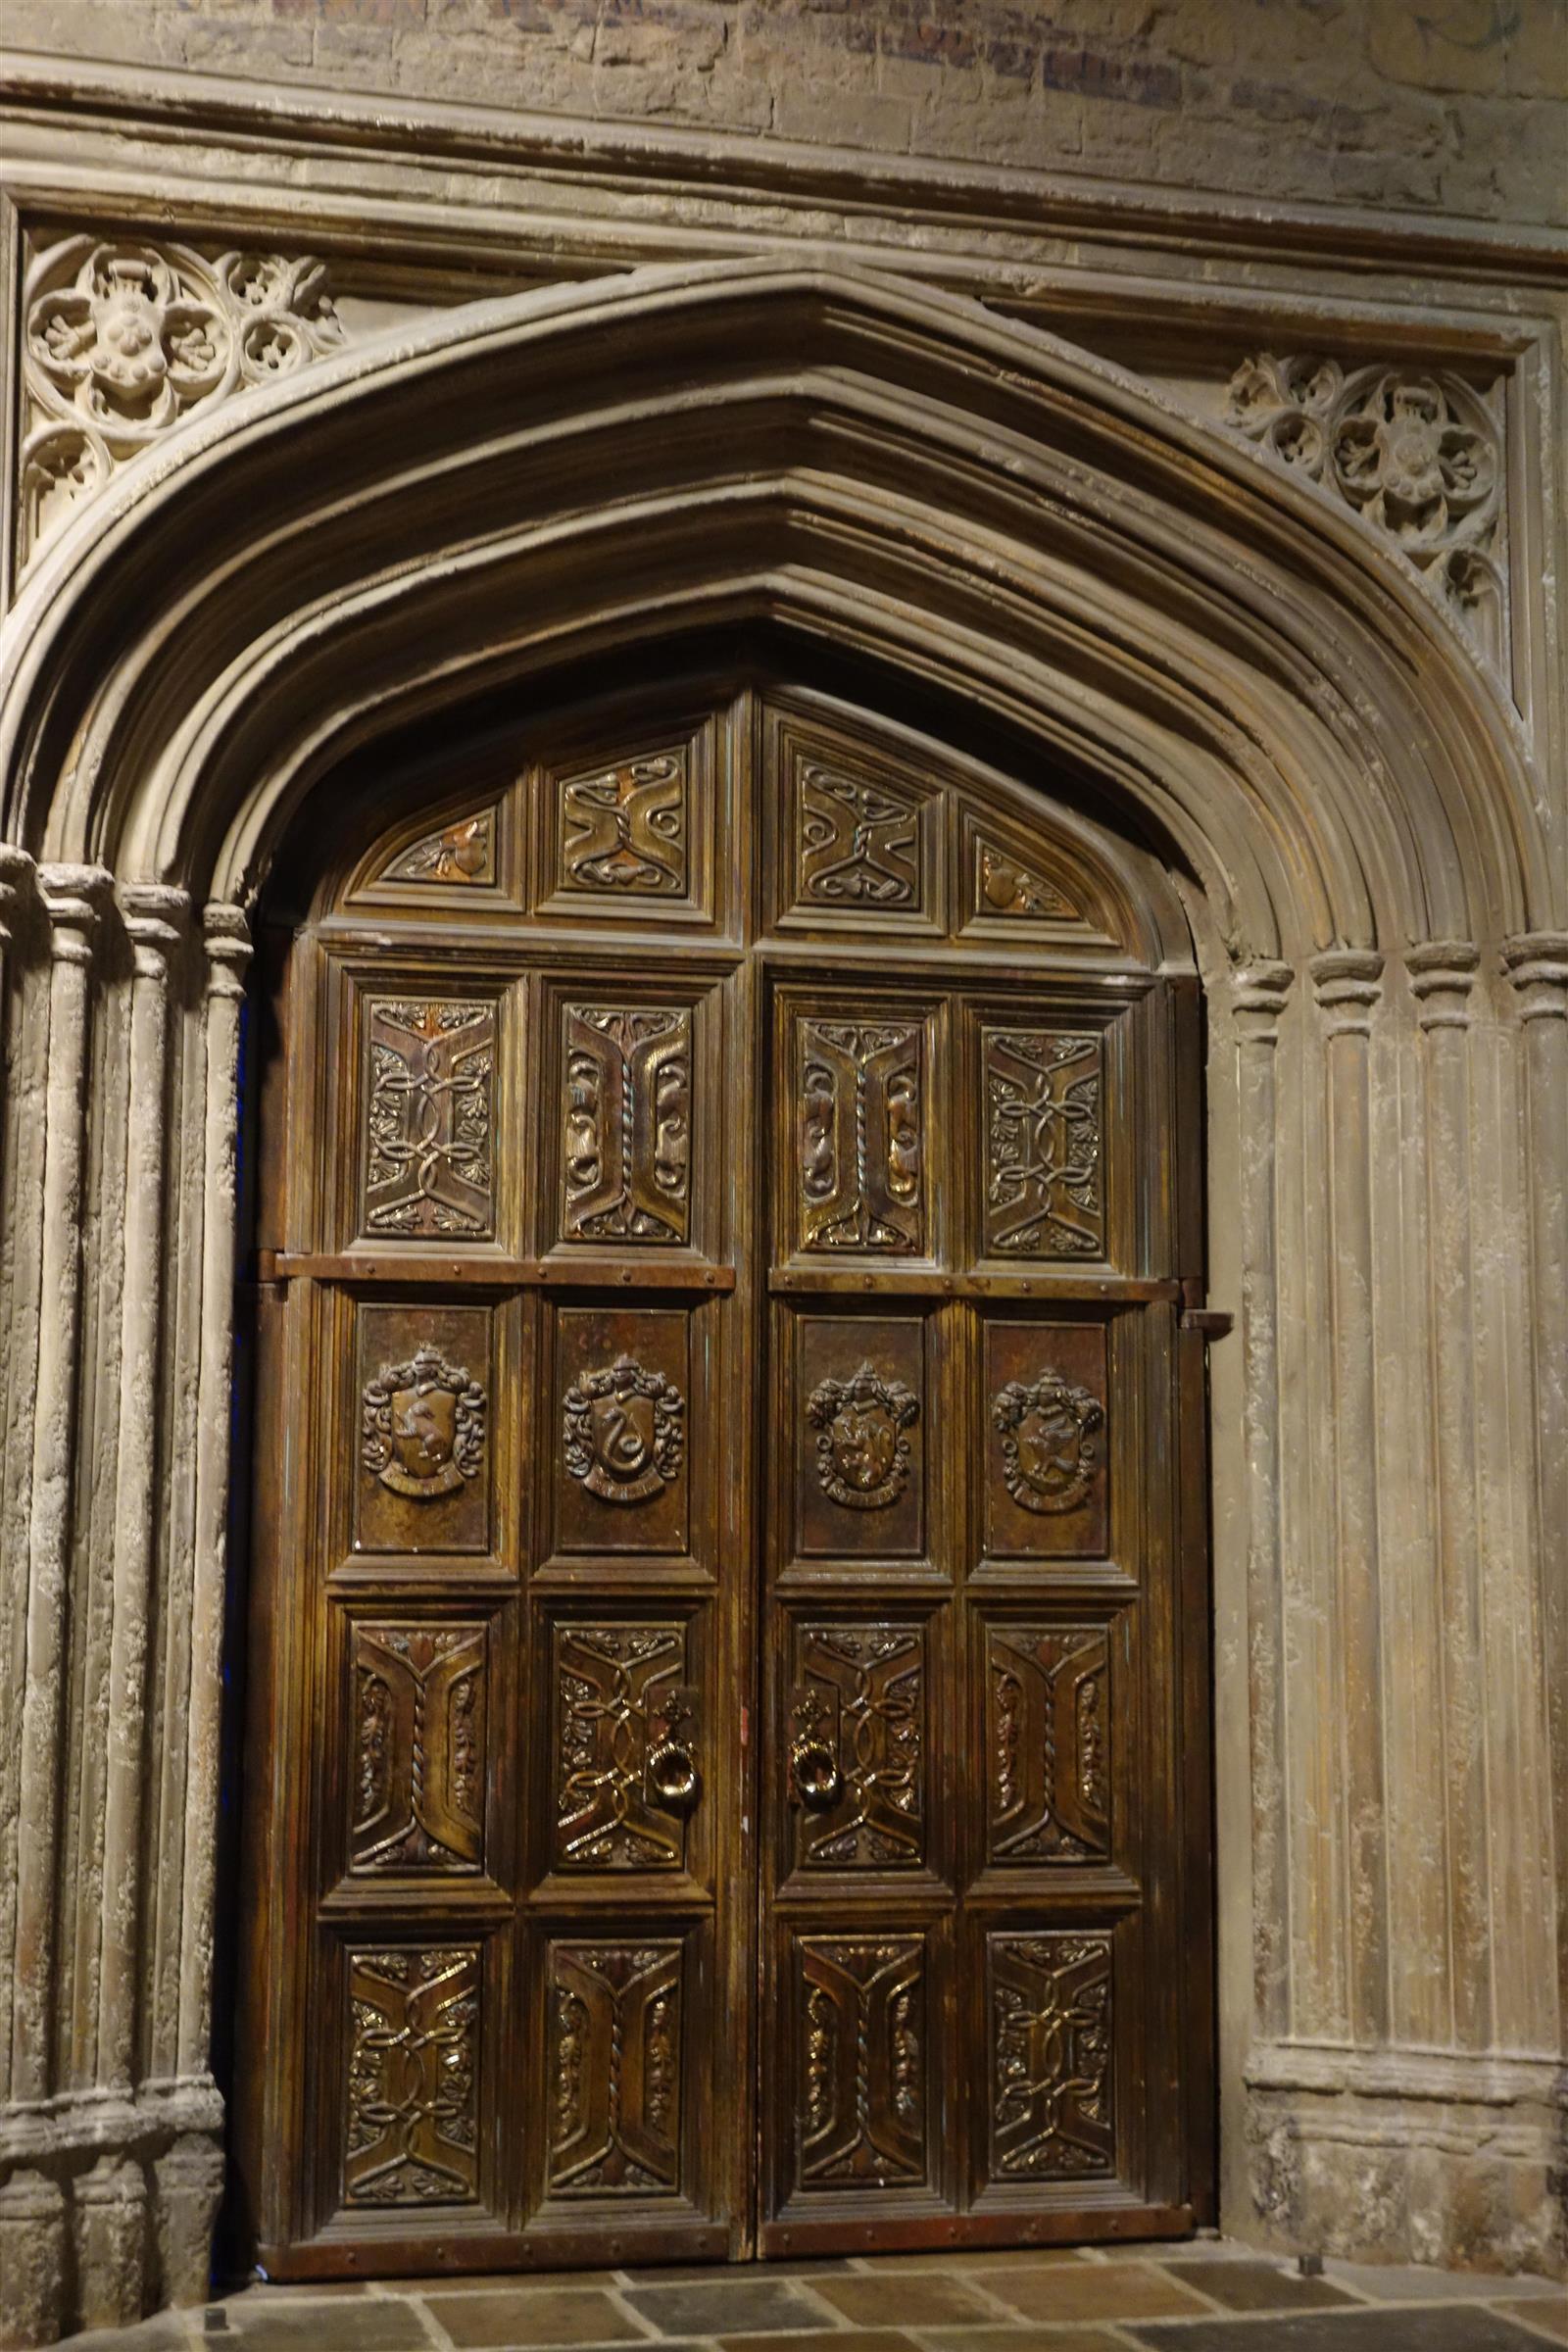 4. The Door To Hogwarts